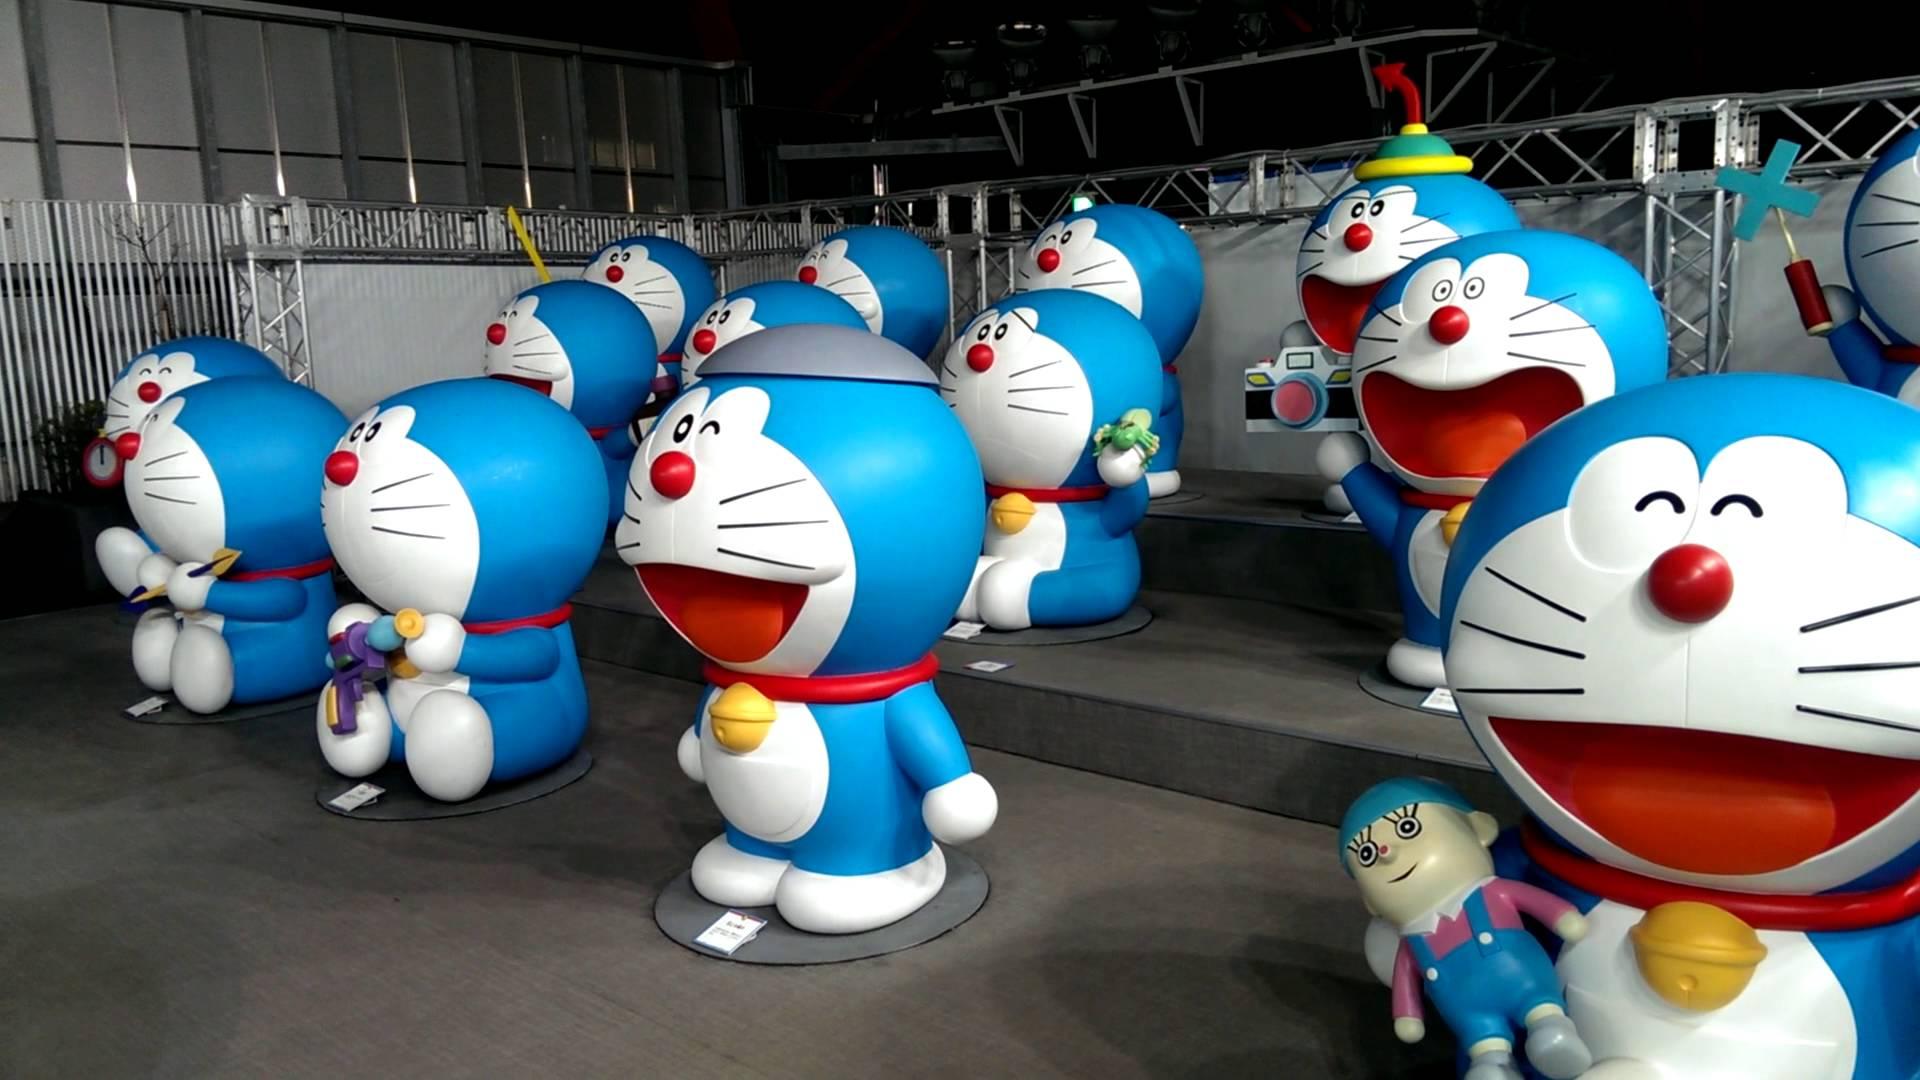 Bertemu-doraemon-di-Museum-Doraemon-3